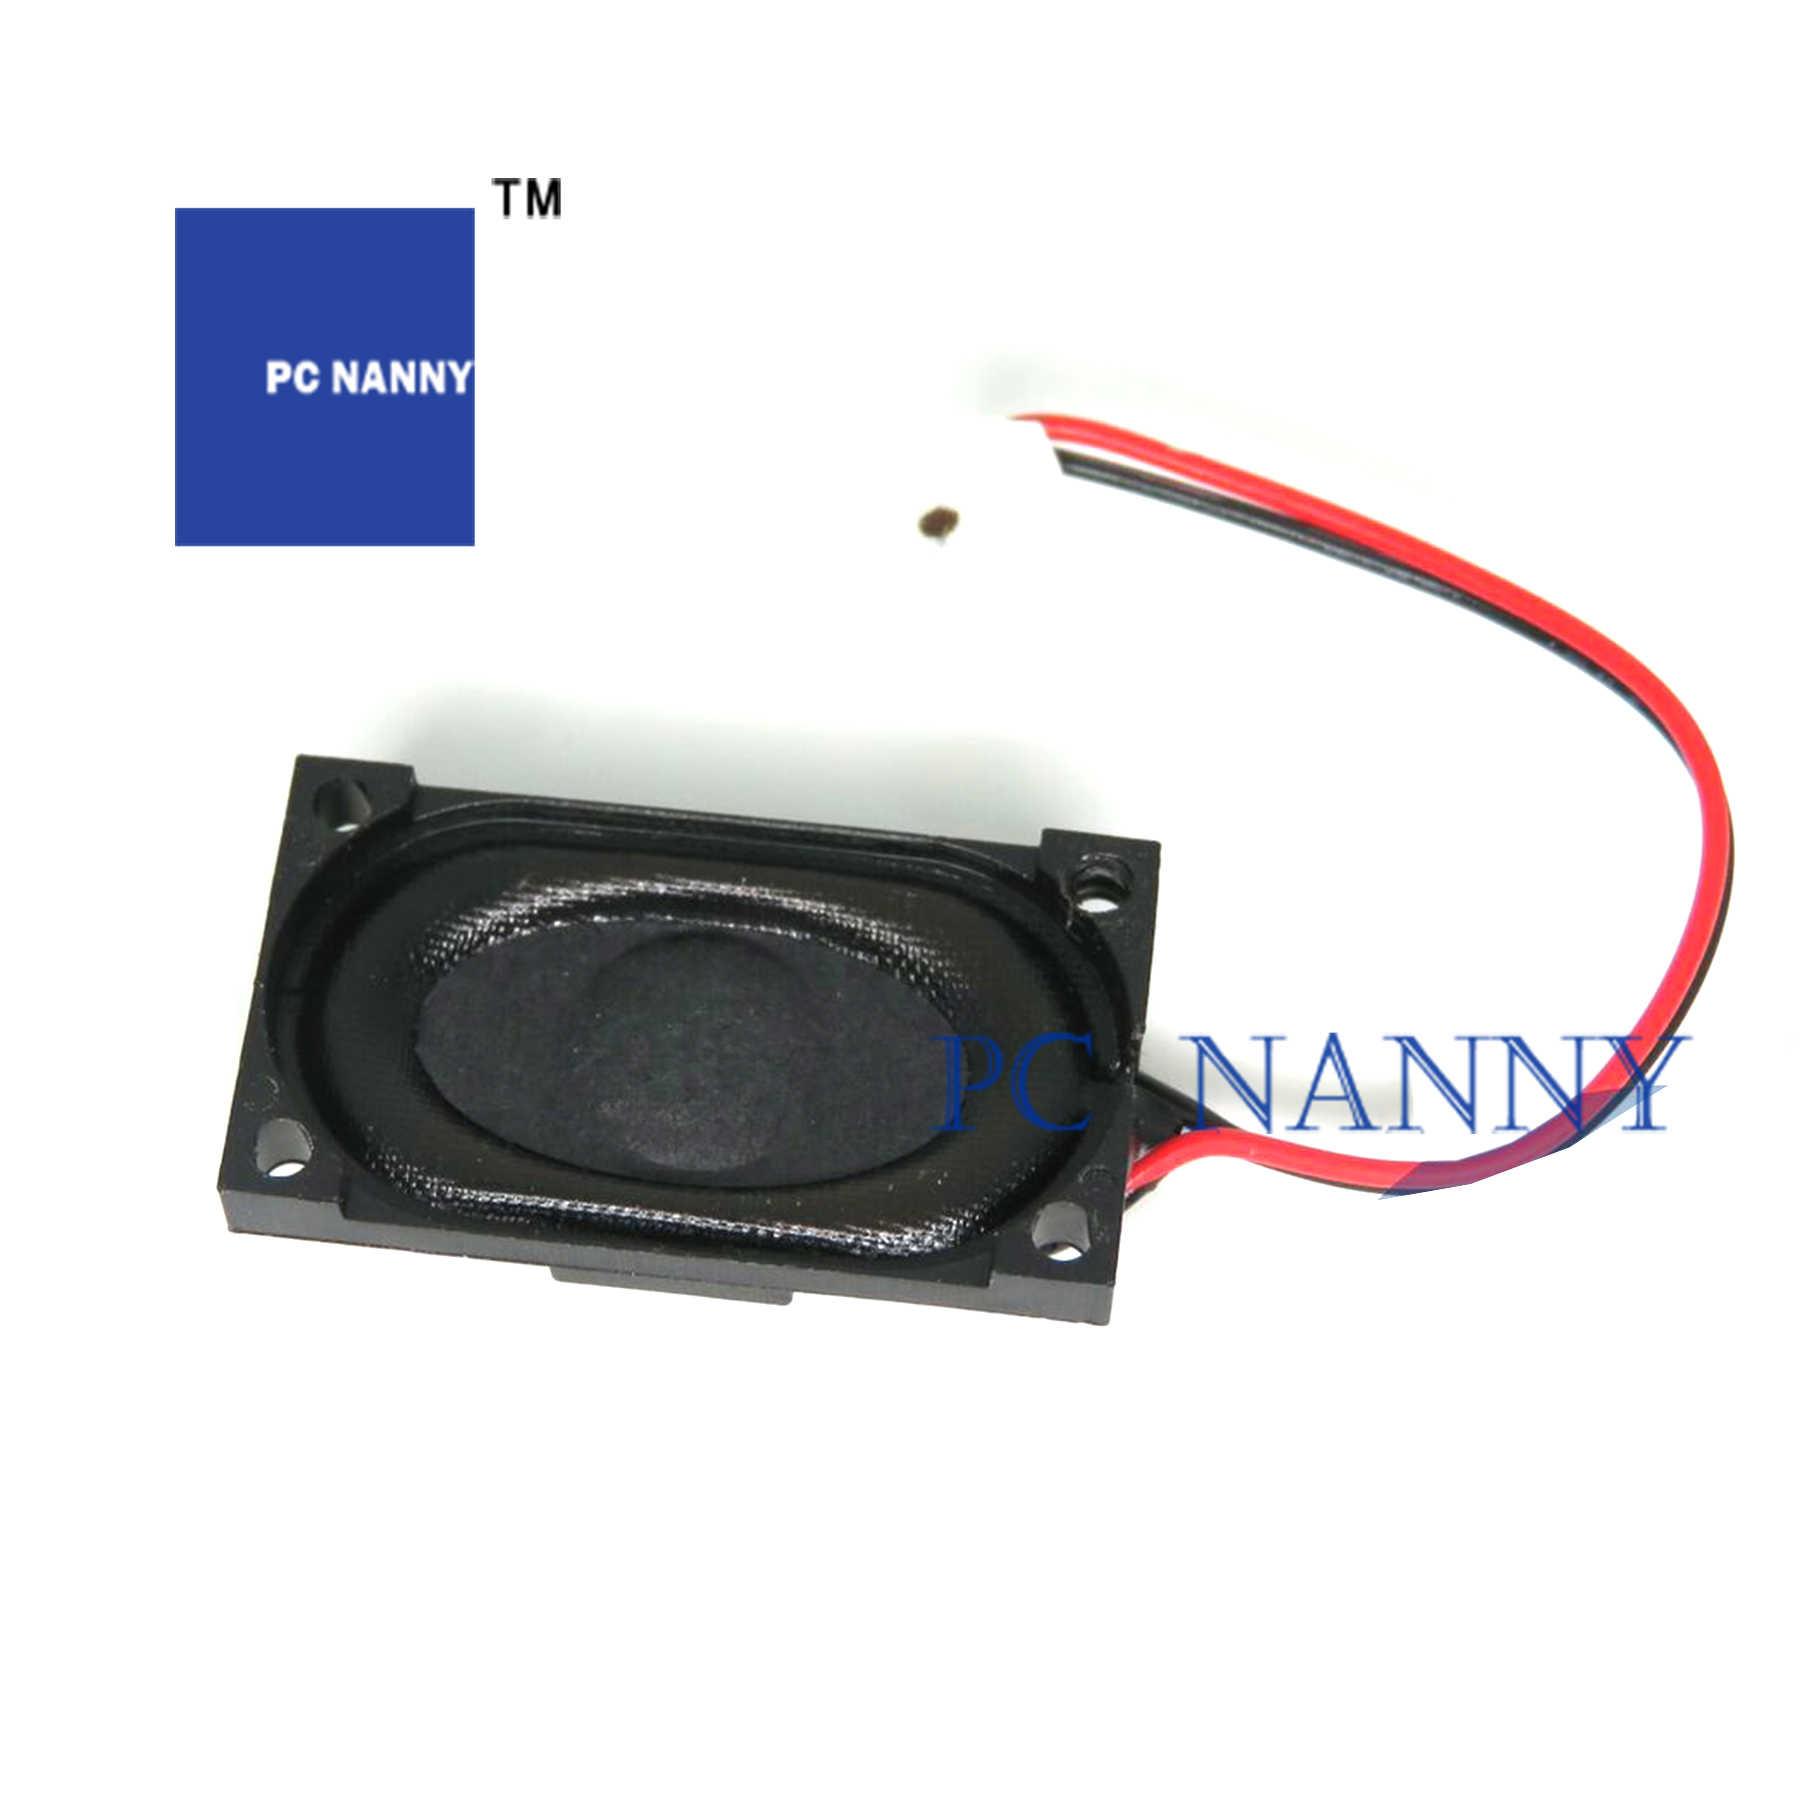 Динамики PCNANNY для HP 914258-001